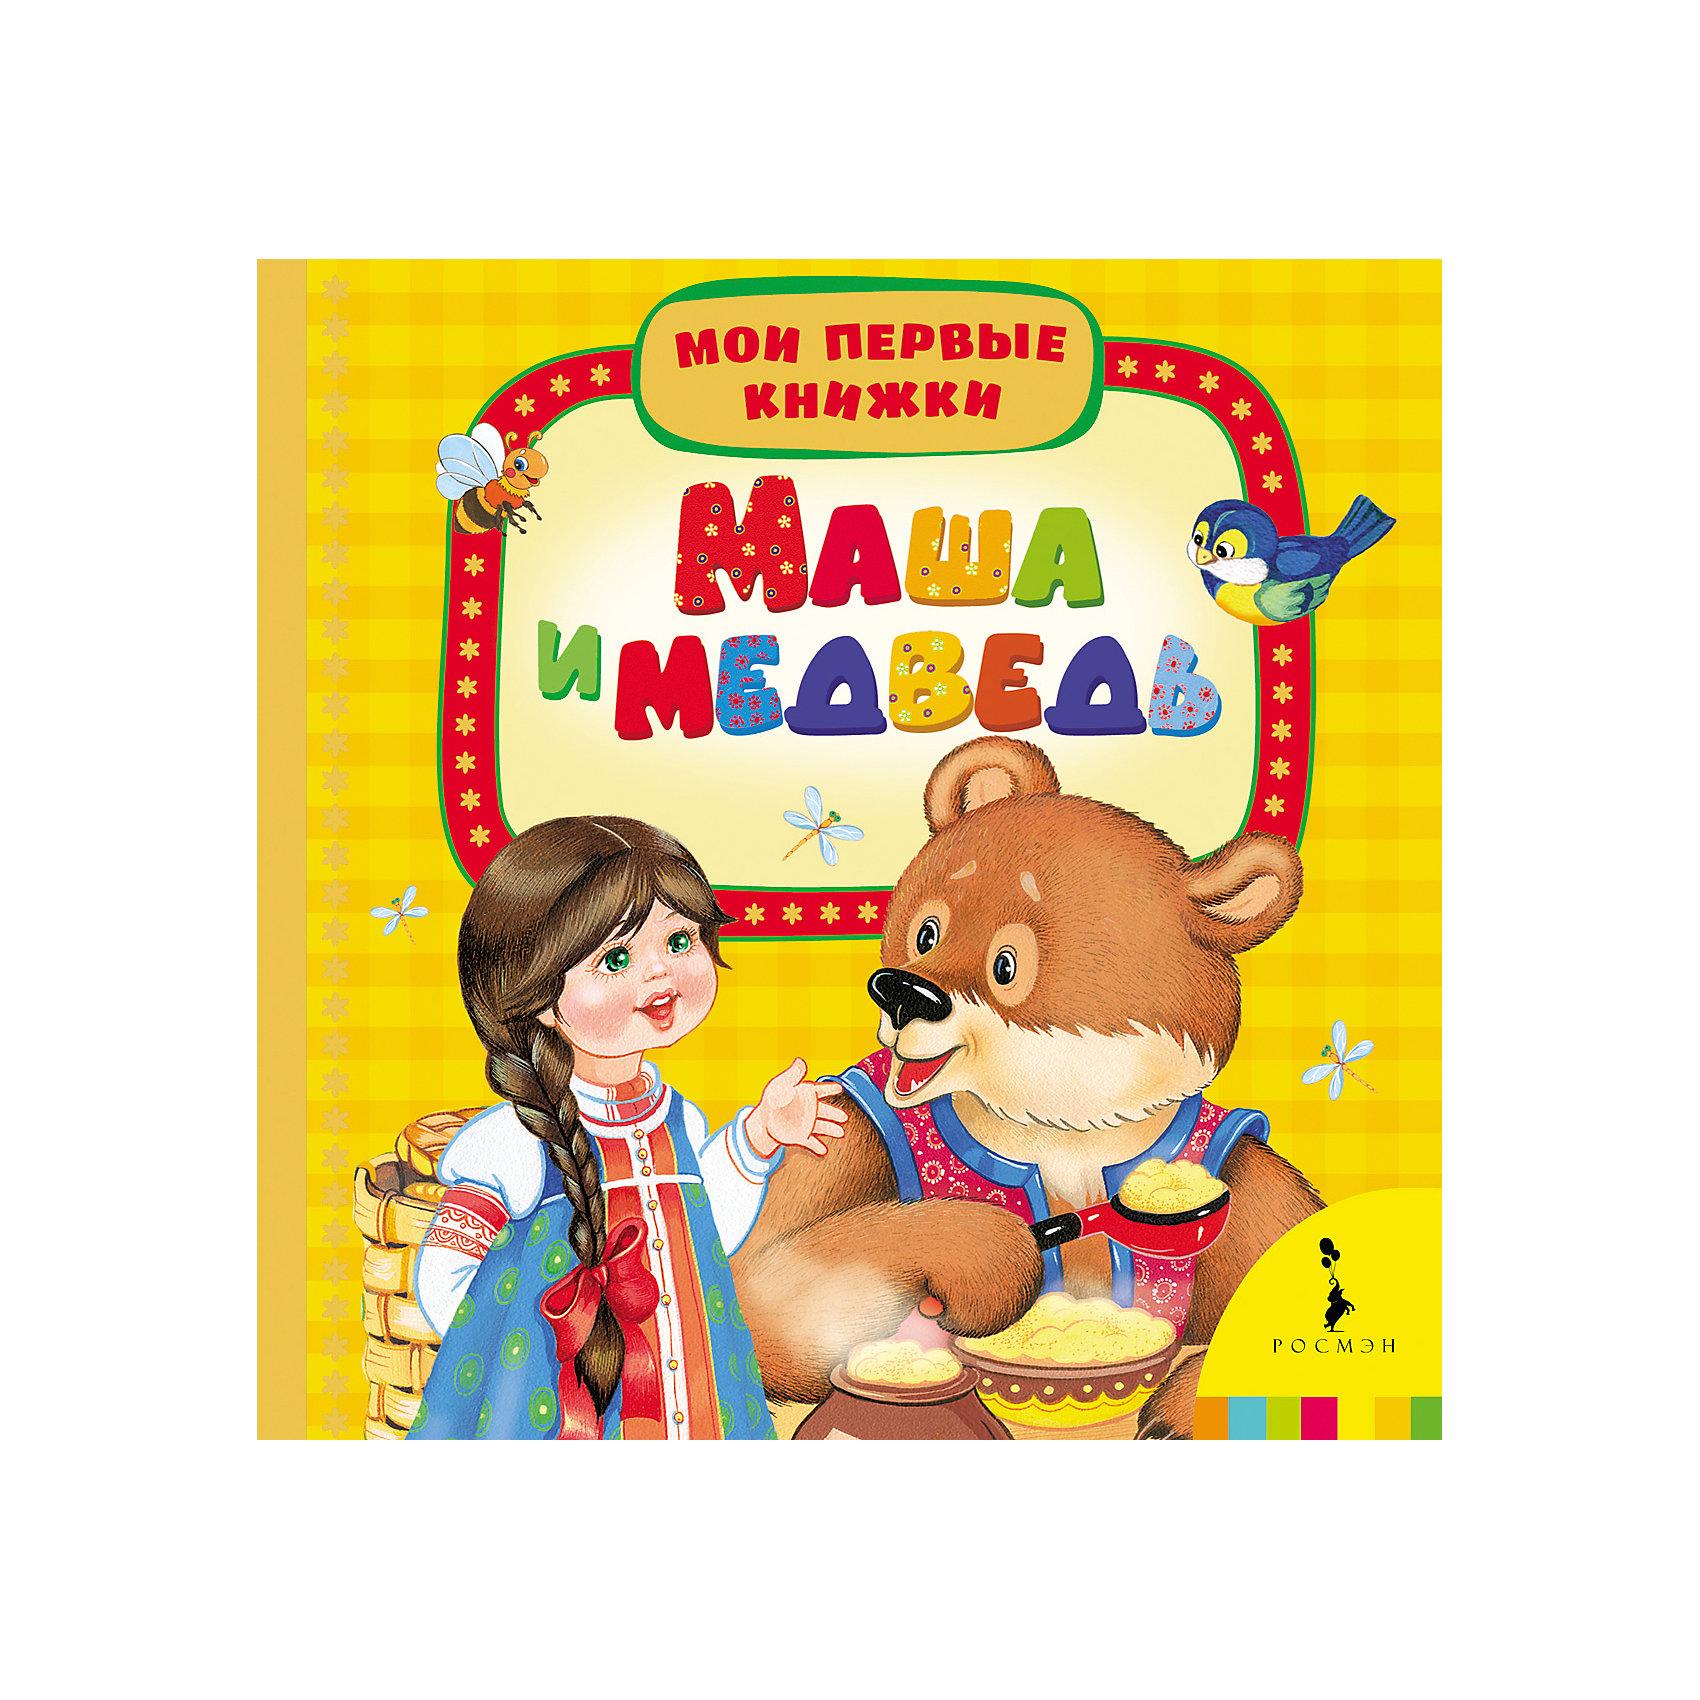 Маша и медведь (Мои первые книжки)Русские сказки<br>Характеристики товара:<br><br>- цвет: разноцветный;<br>- материал: бумага;<br>- страниц: 14;<br>- формат: 17 х 17 см;<br>- обложка: картон;<br>- для чтения детям. <br><br>Издания серии Мои первые книжки - отличный способ занять ребенка! Эта красочная книга станет отличным подарком для родителей и малыша. Она содержит в себе сказки, стихи, загадки, песенки и потешки, которые так любят дети. Отличный способ привить малышу любовь к чтению!<br>Чтение и рассматривание картинок даже в юном возрасте помогает ребенку развивать память, концентрацию внимания и воображение. Издание произведено из качественных материалов, которые безопасны даже для самых маленьких.<br><br>Издание Маша и медведь (Мои первые книжки) от компании Росмэн можно купить в нашем интернет-магазине.<br><br>Ширина мм: 165<br>Глубина мм: 165<br>Высота мм: 20<br>Вес г: 396<br>Возраст от месяцев: 0<br>Возраст до месяцев: 36<br>Пол: Унисекс<br>Возраст: Детский<br>SKU: 5110080